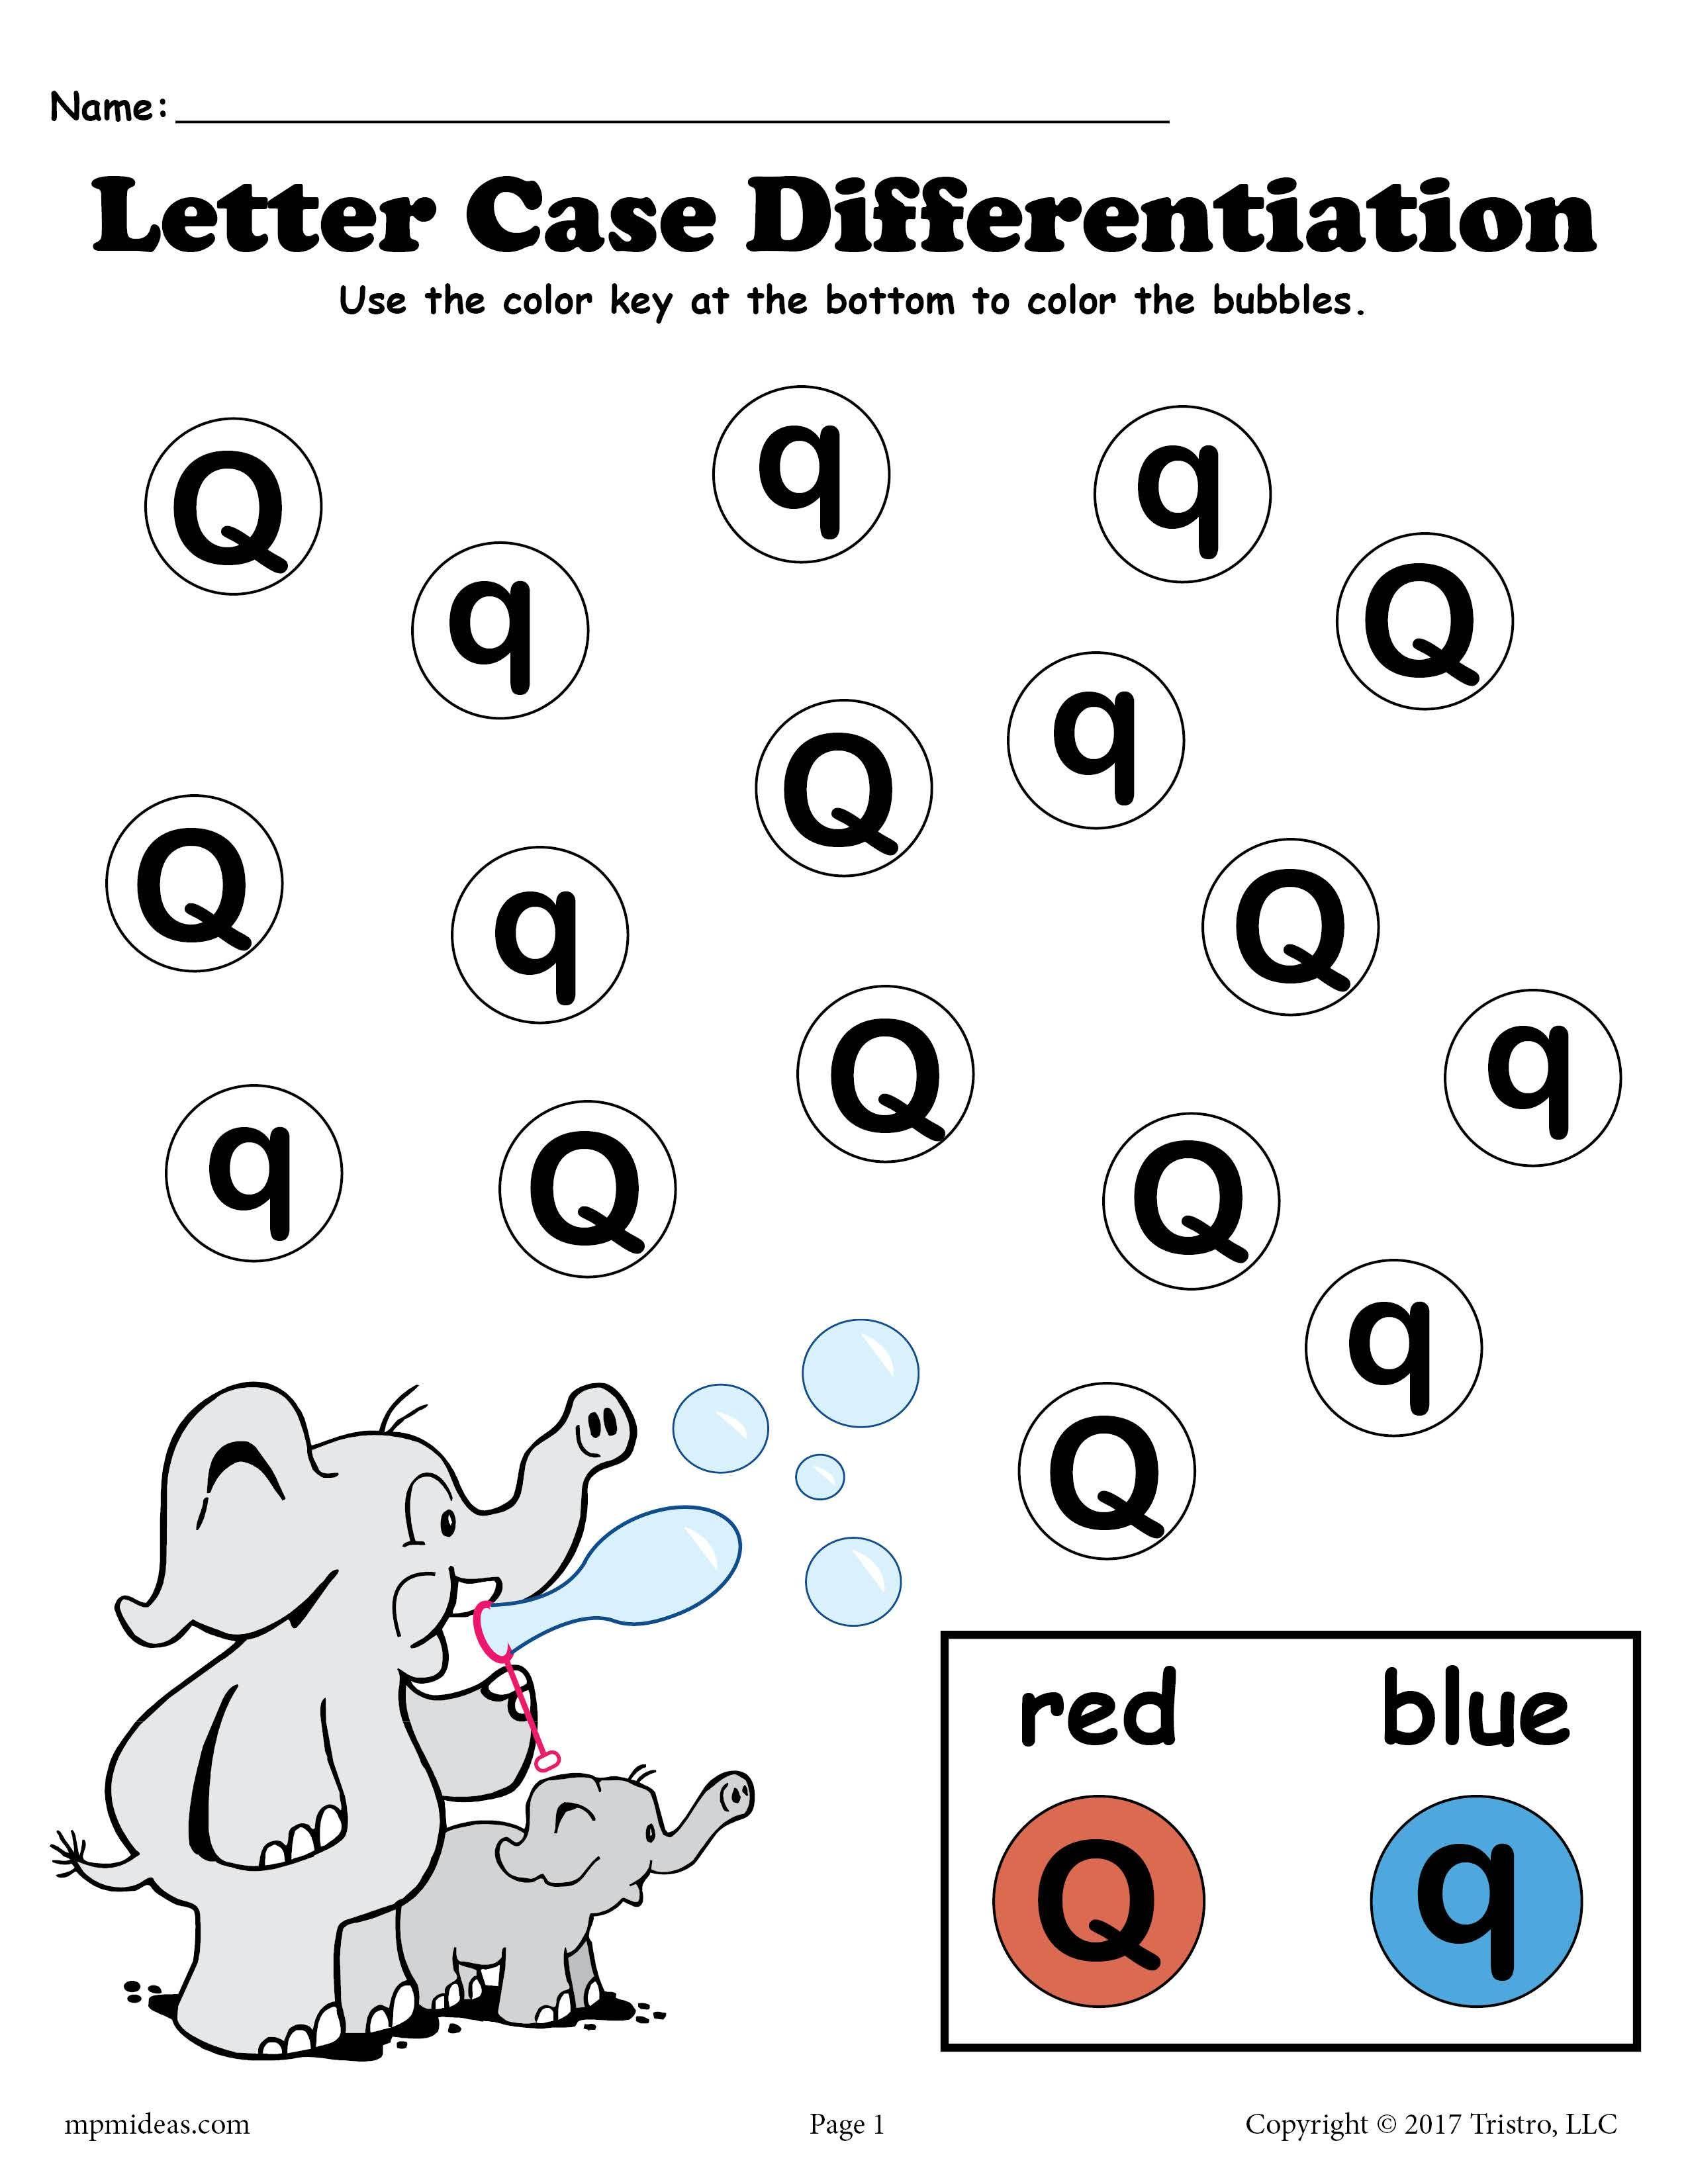 Letter Q Do A Dot Printables For Letter Case Differentiation Practice Letter Q Worksheets Letter E Worksheets Do A Dot [ 3300 x 2550 Pixel ]